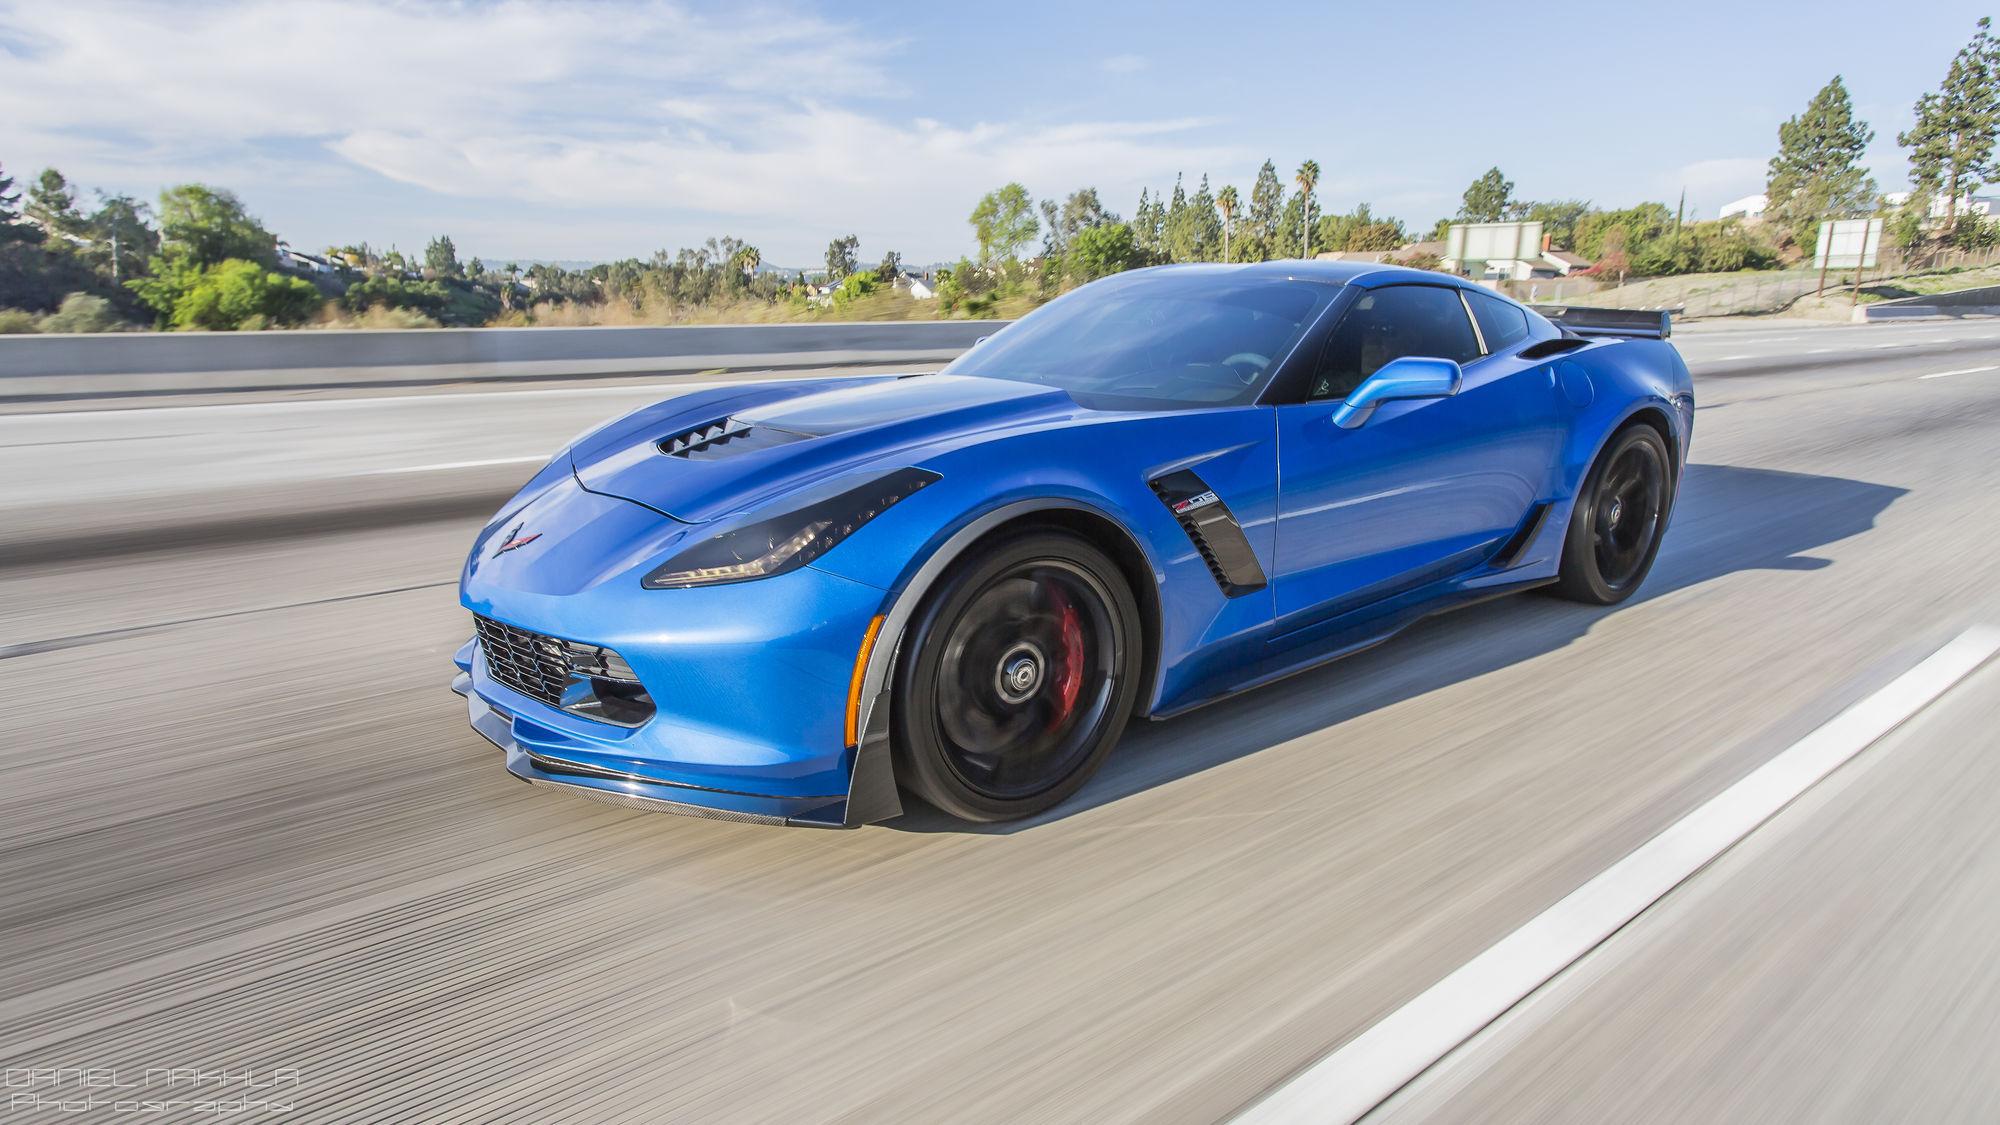 2015 Chevrolet Corvette Z06 | San Diego Cars & Coffee February 13th, 2016